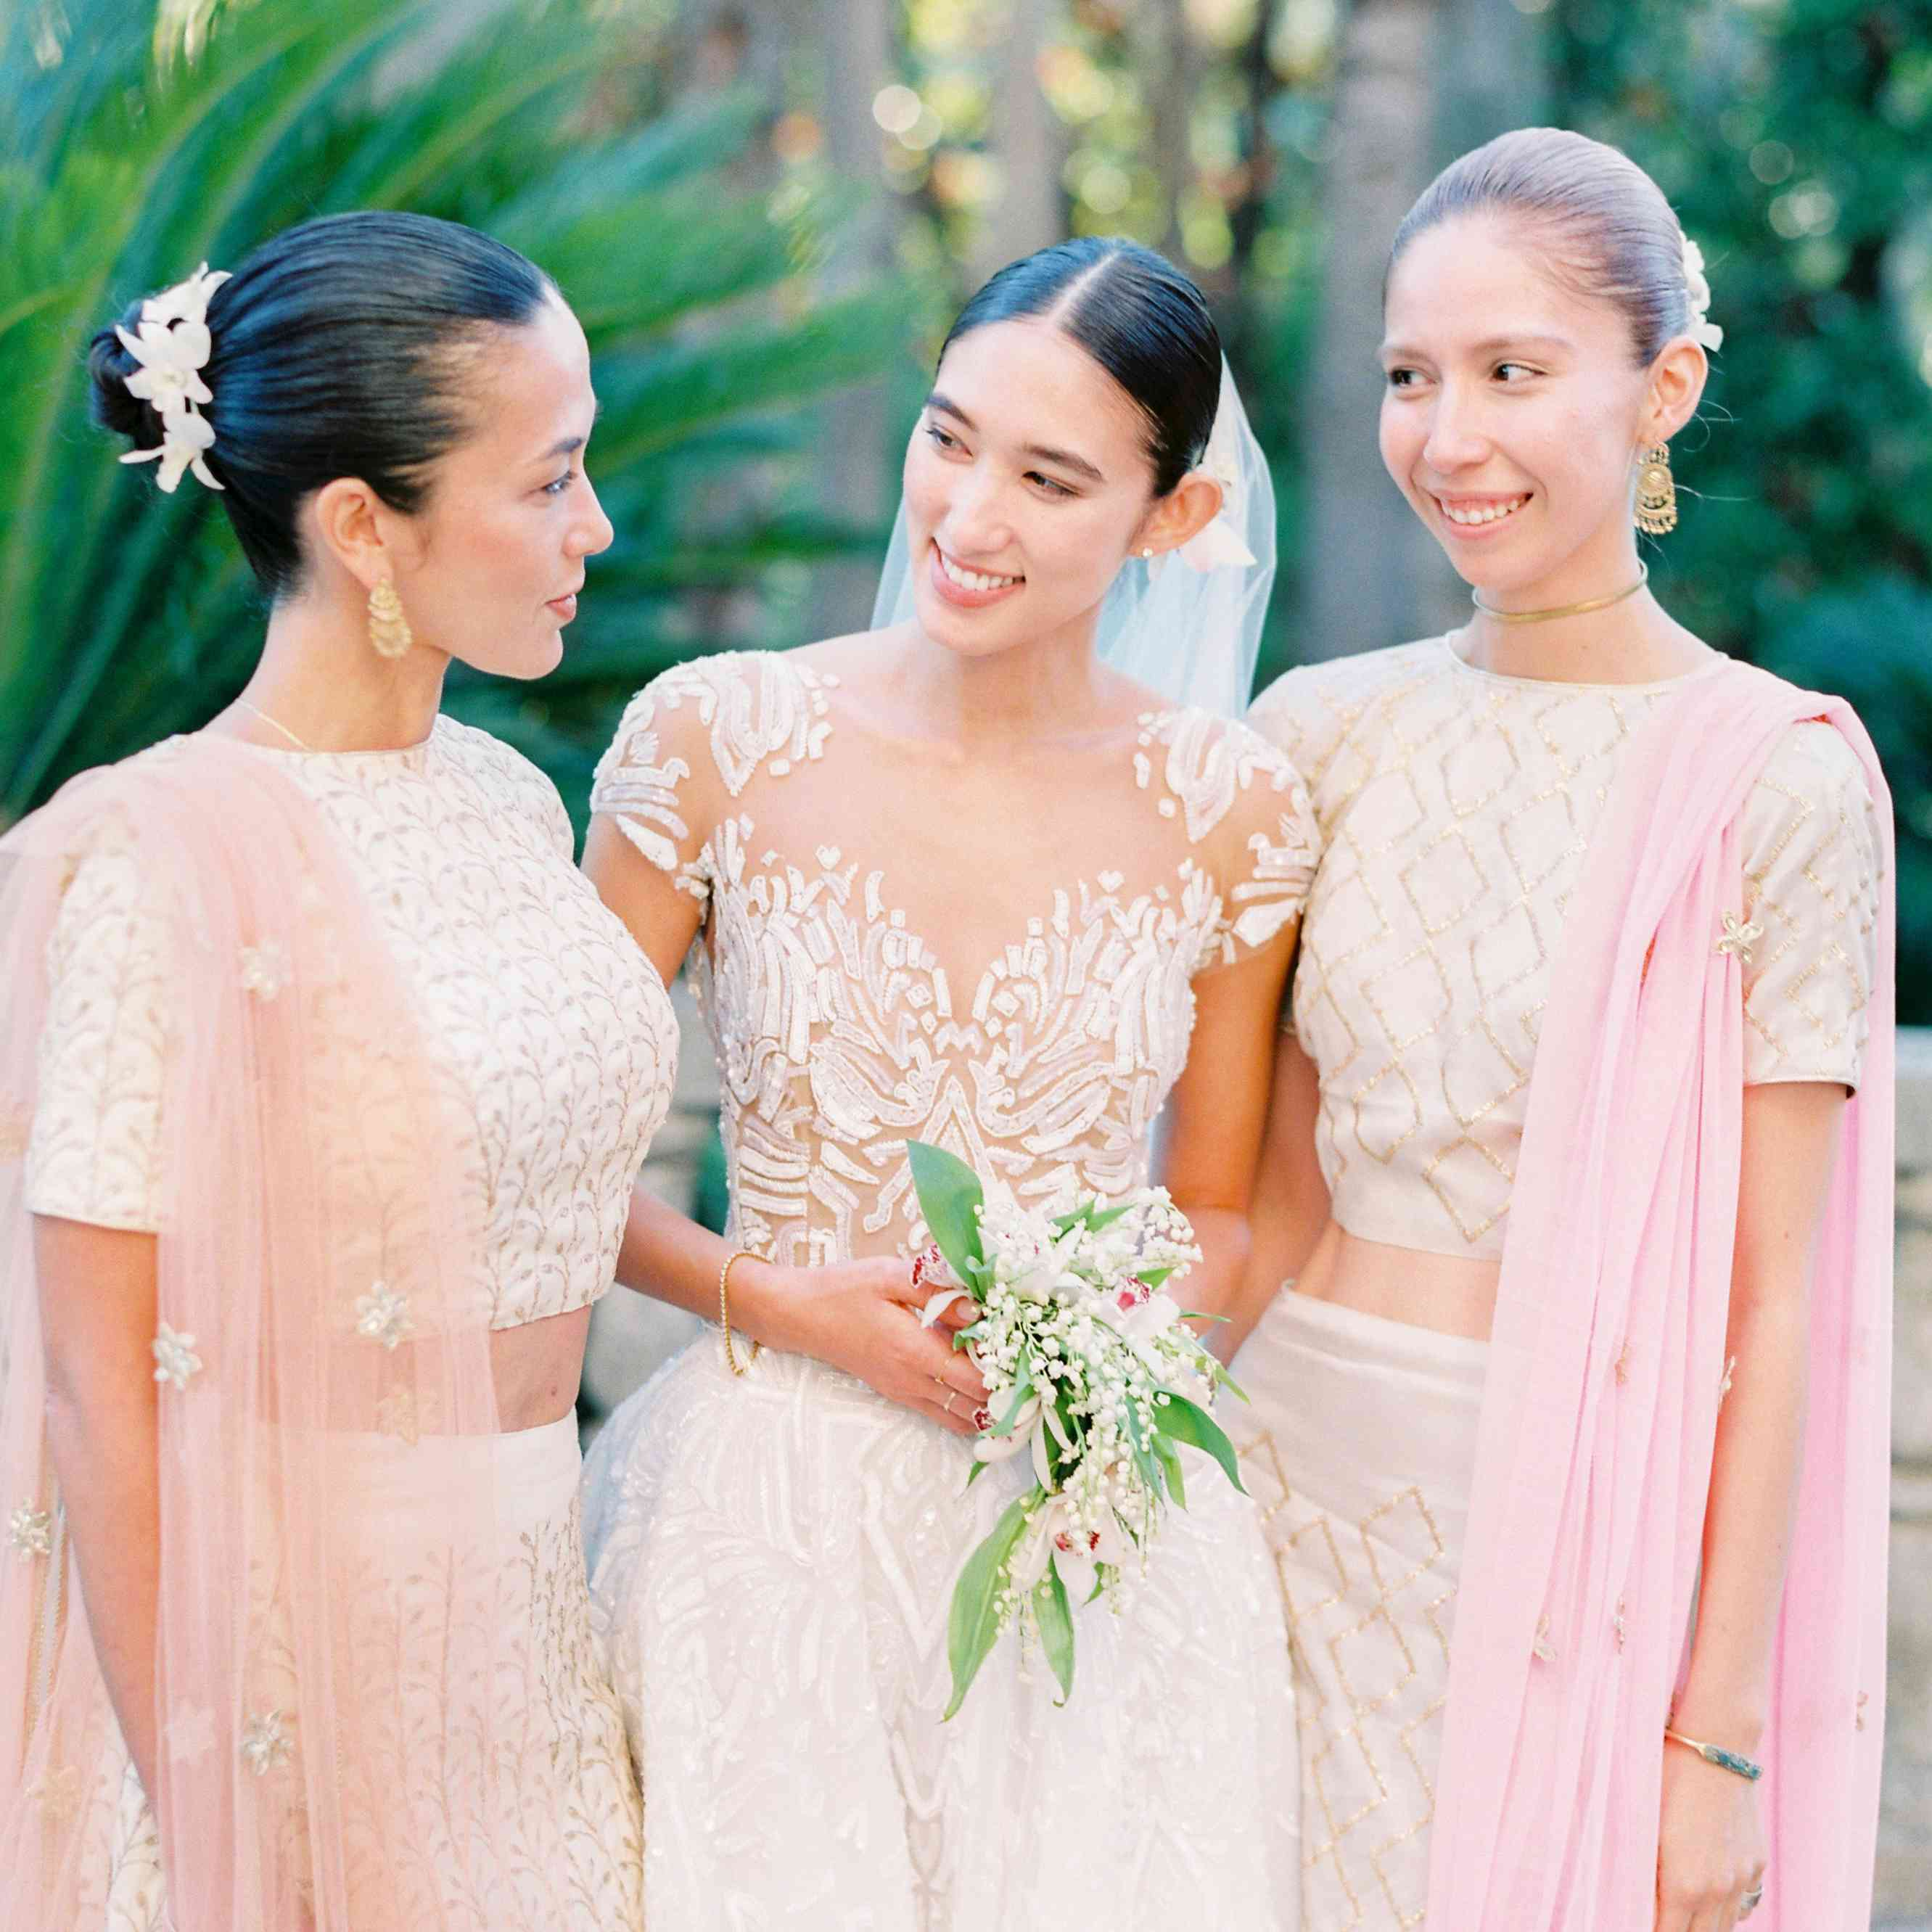 <p>bride with bridesmaids</p>